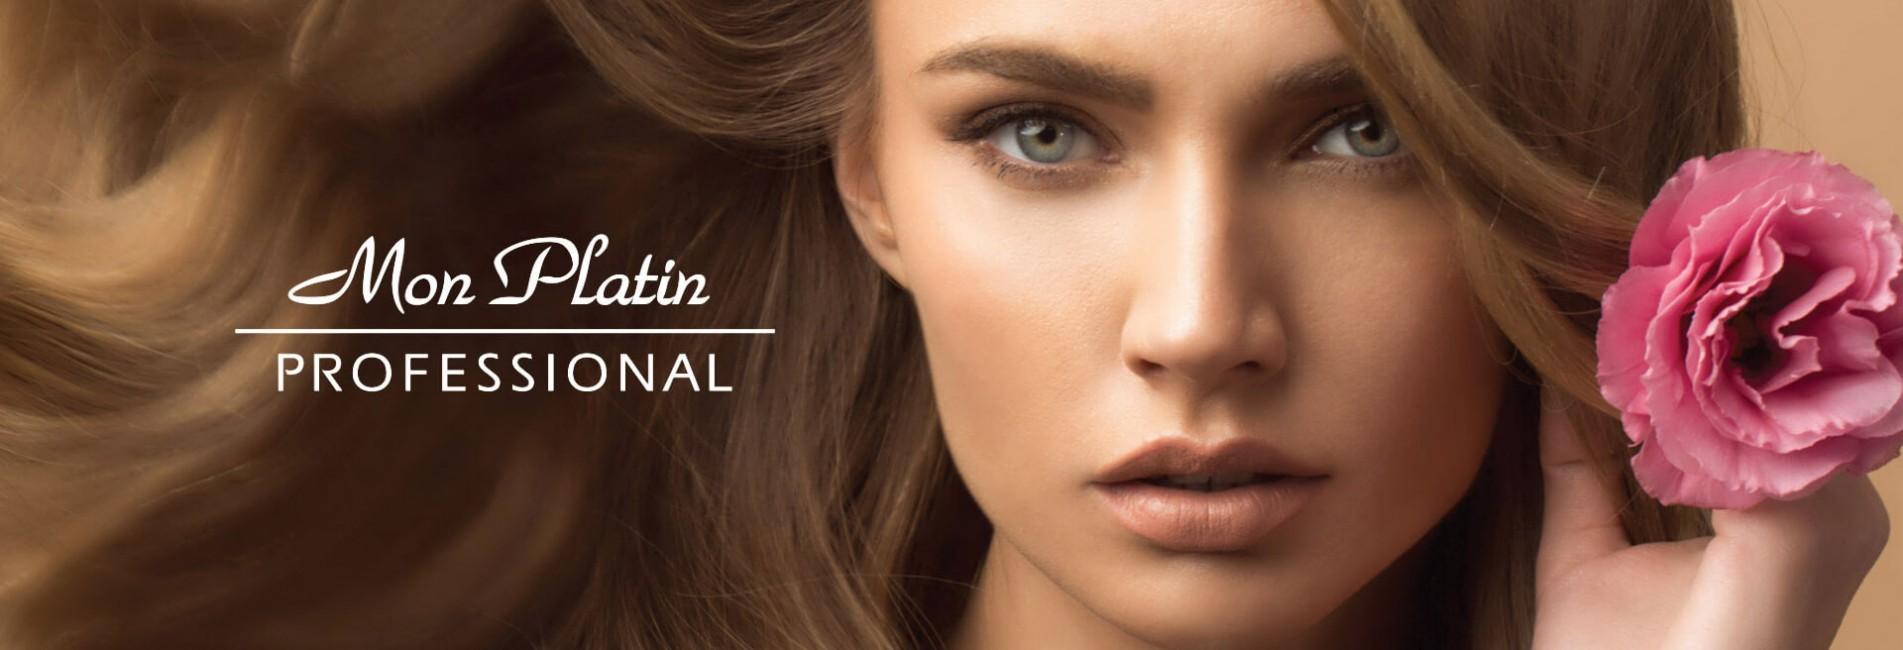 מון פלטין - מוצרי טיפוח ועיצוב לשיער